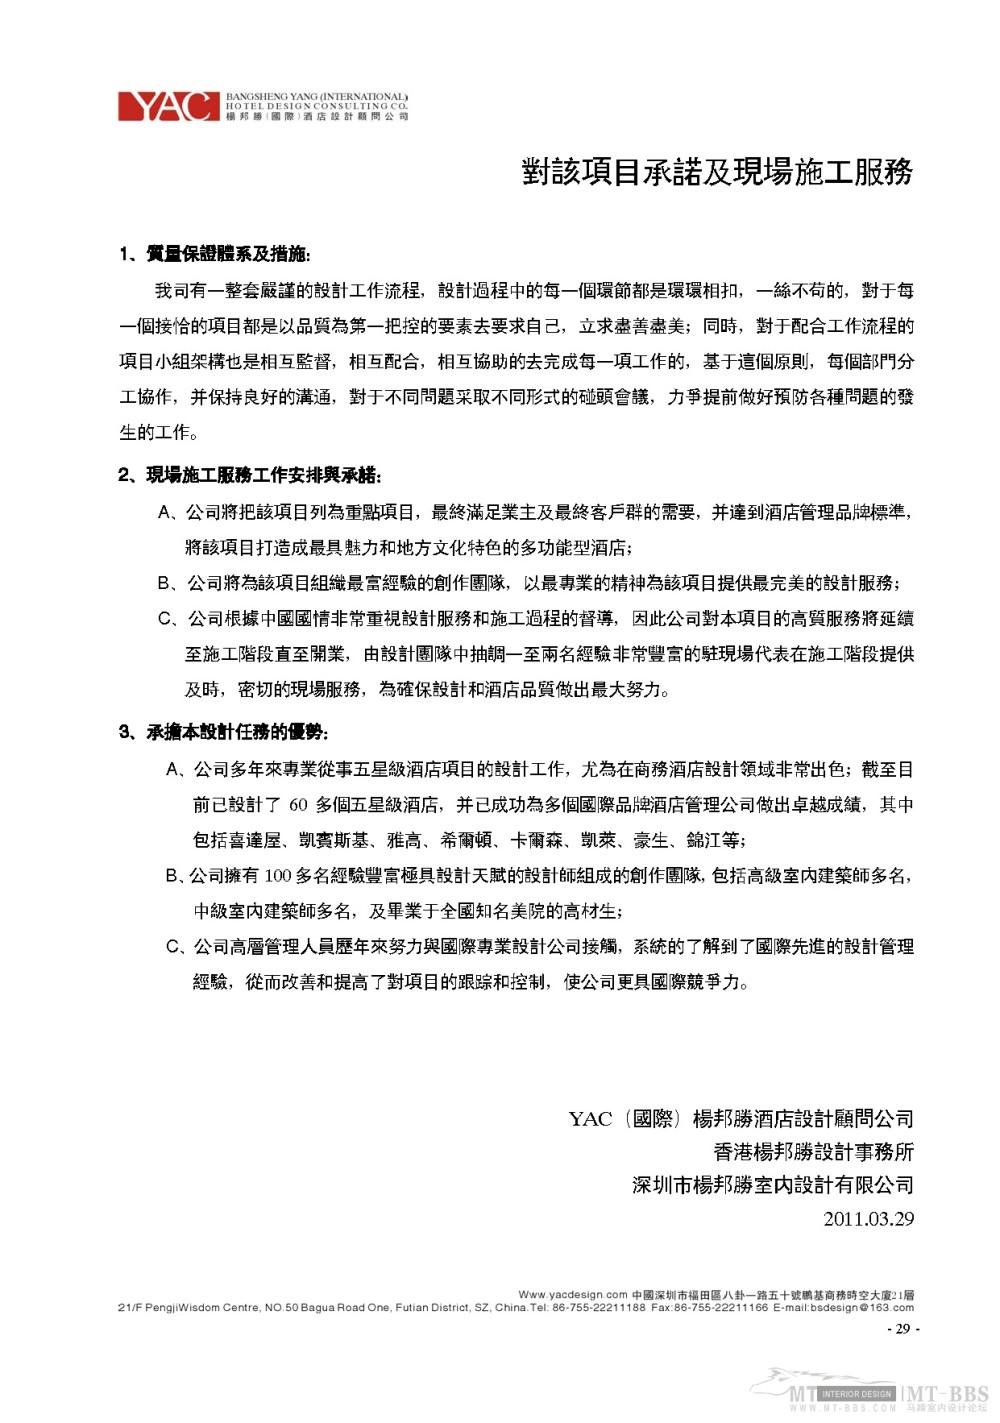 杨邦胜_2011.03.30YAC(国际)杨邦胜酒店设计顾问公司简介_页面_29.jpg